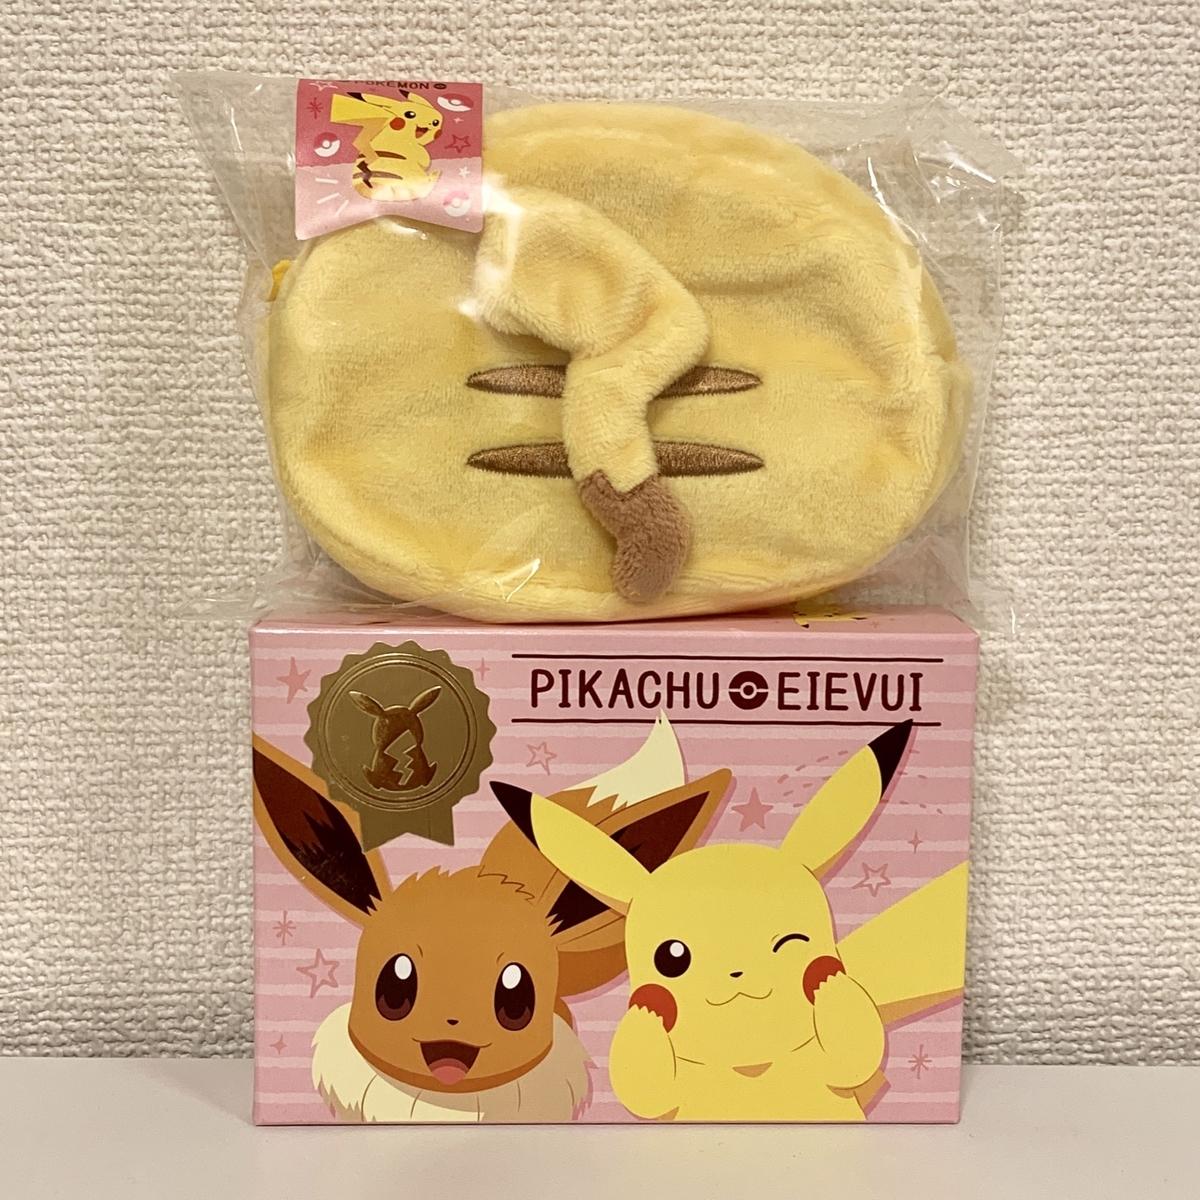 f:id:pikachu_pcn:20200211183050j:plain